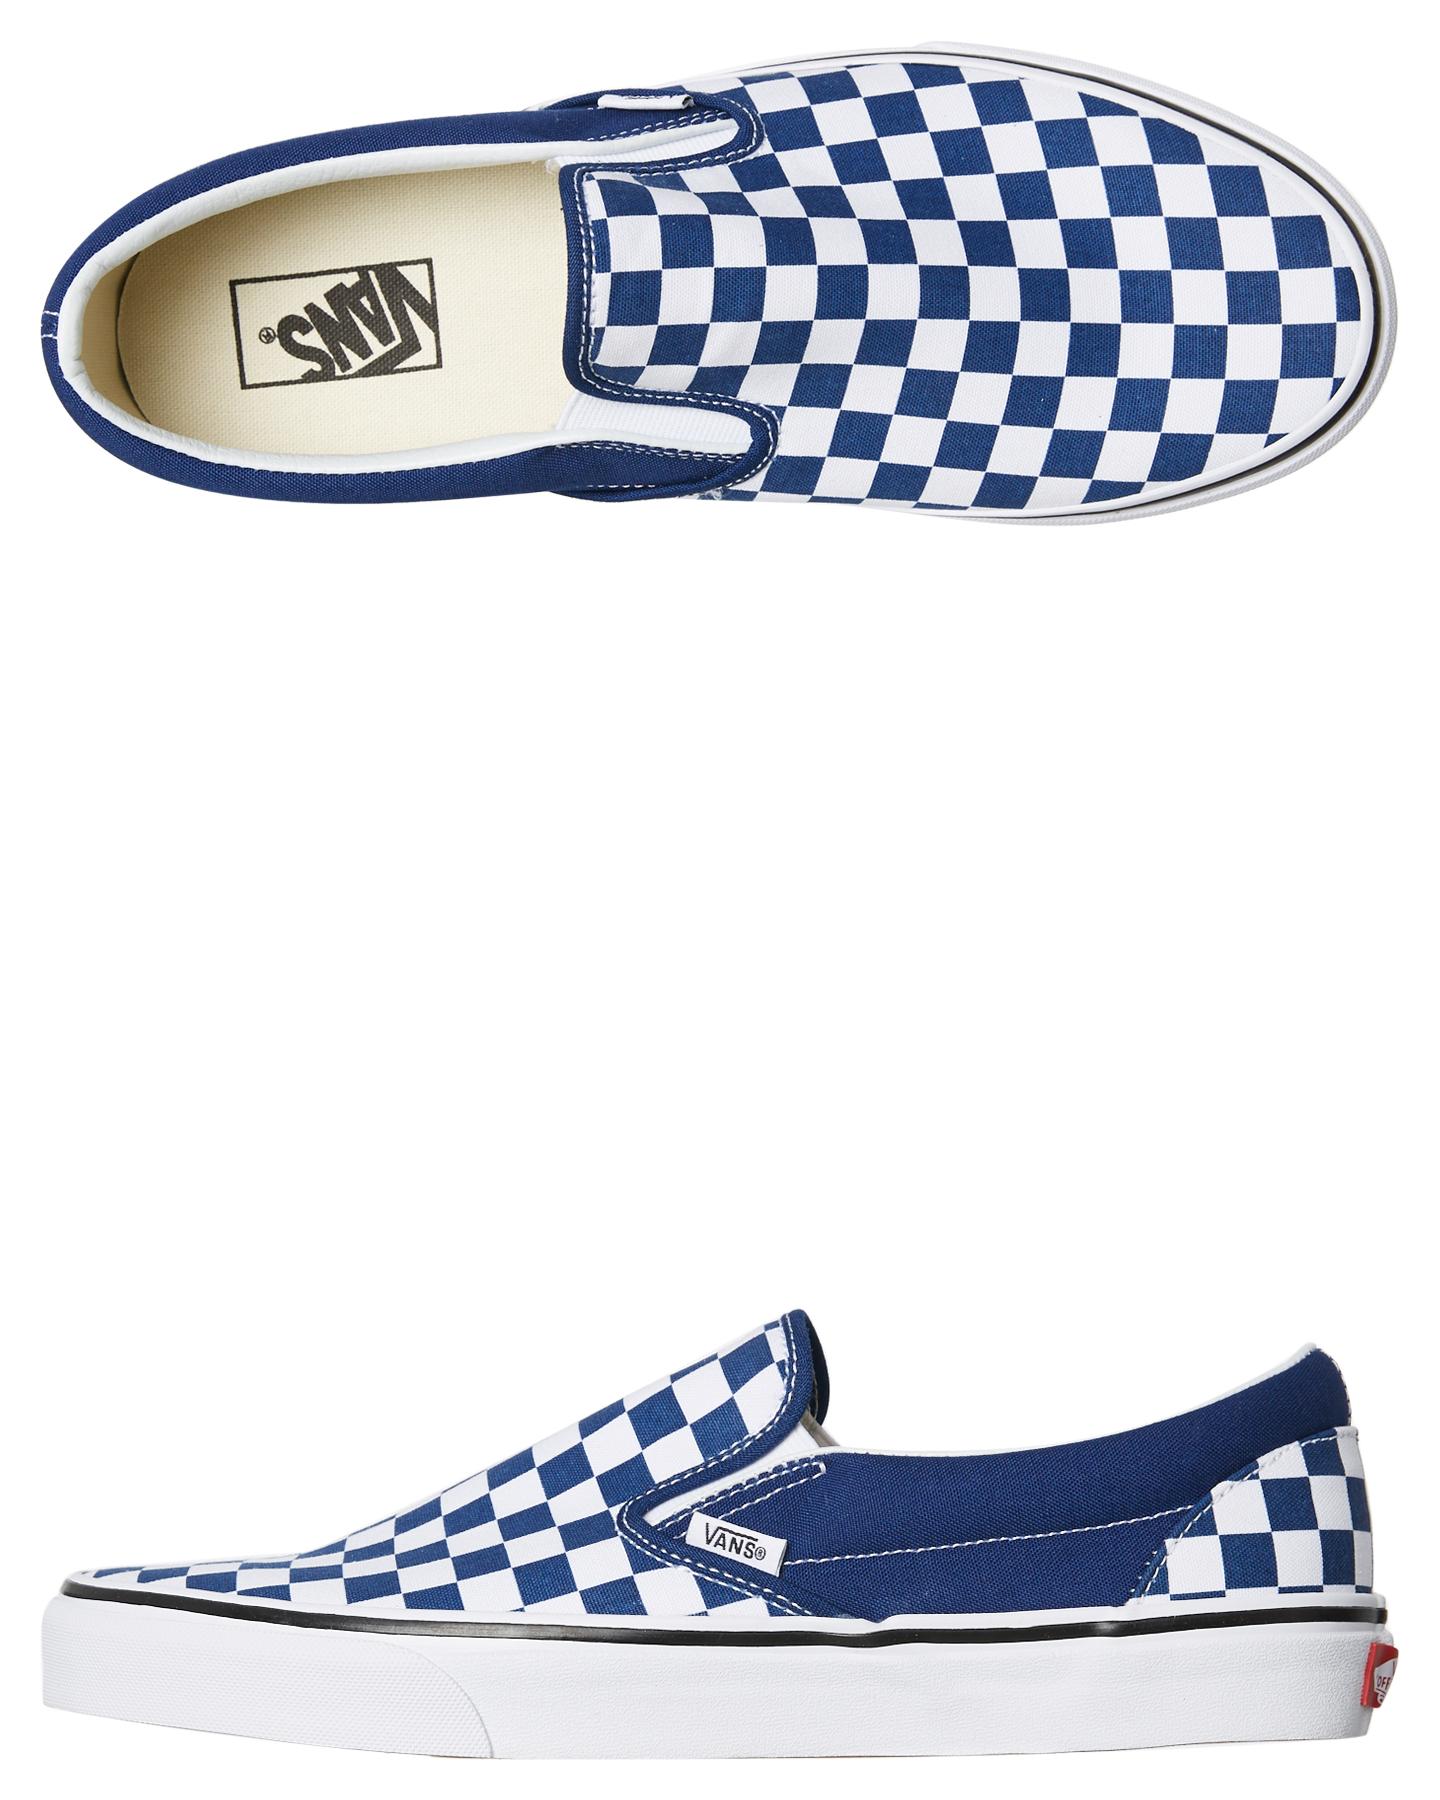 549d05e260 Details about New Vans Skate Men s Mens Classic Slip On Checkerboard Shoe  Rubber Canvas Blue